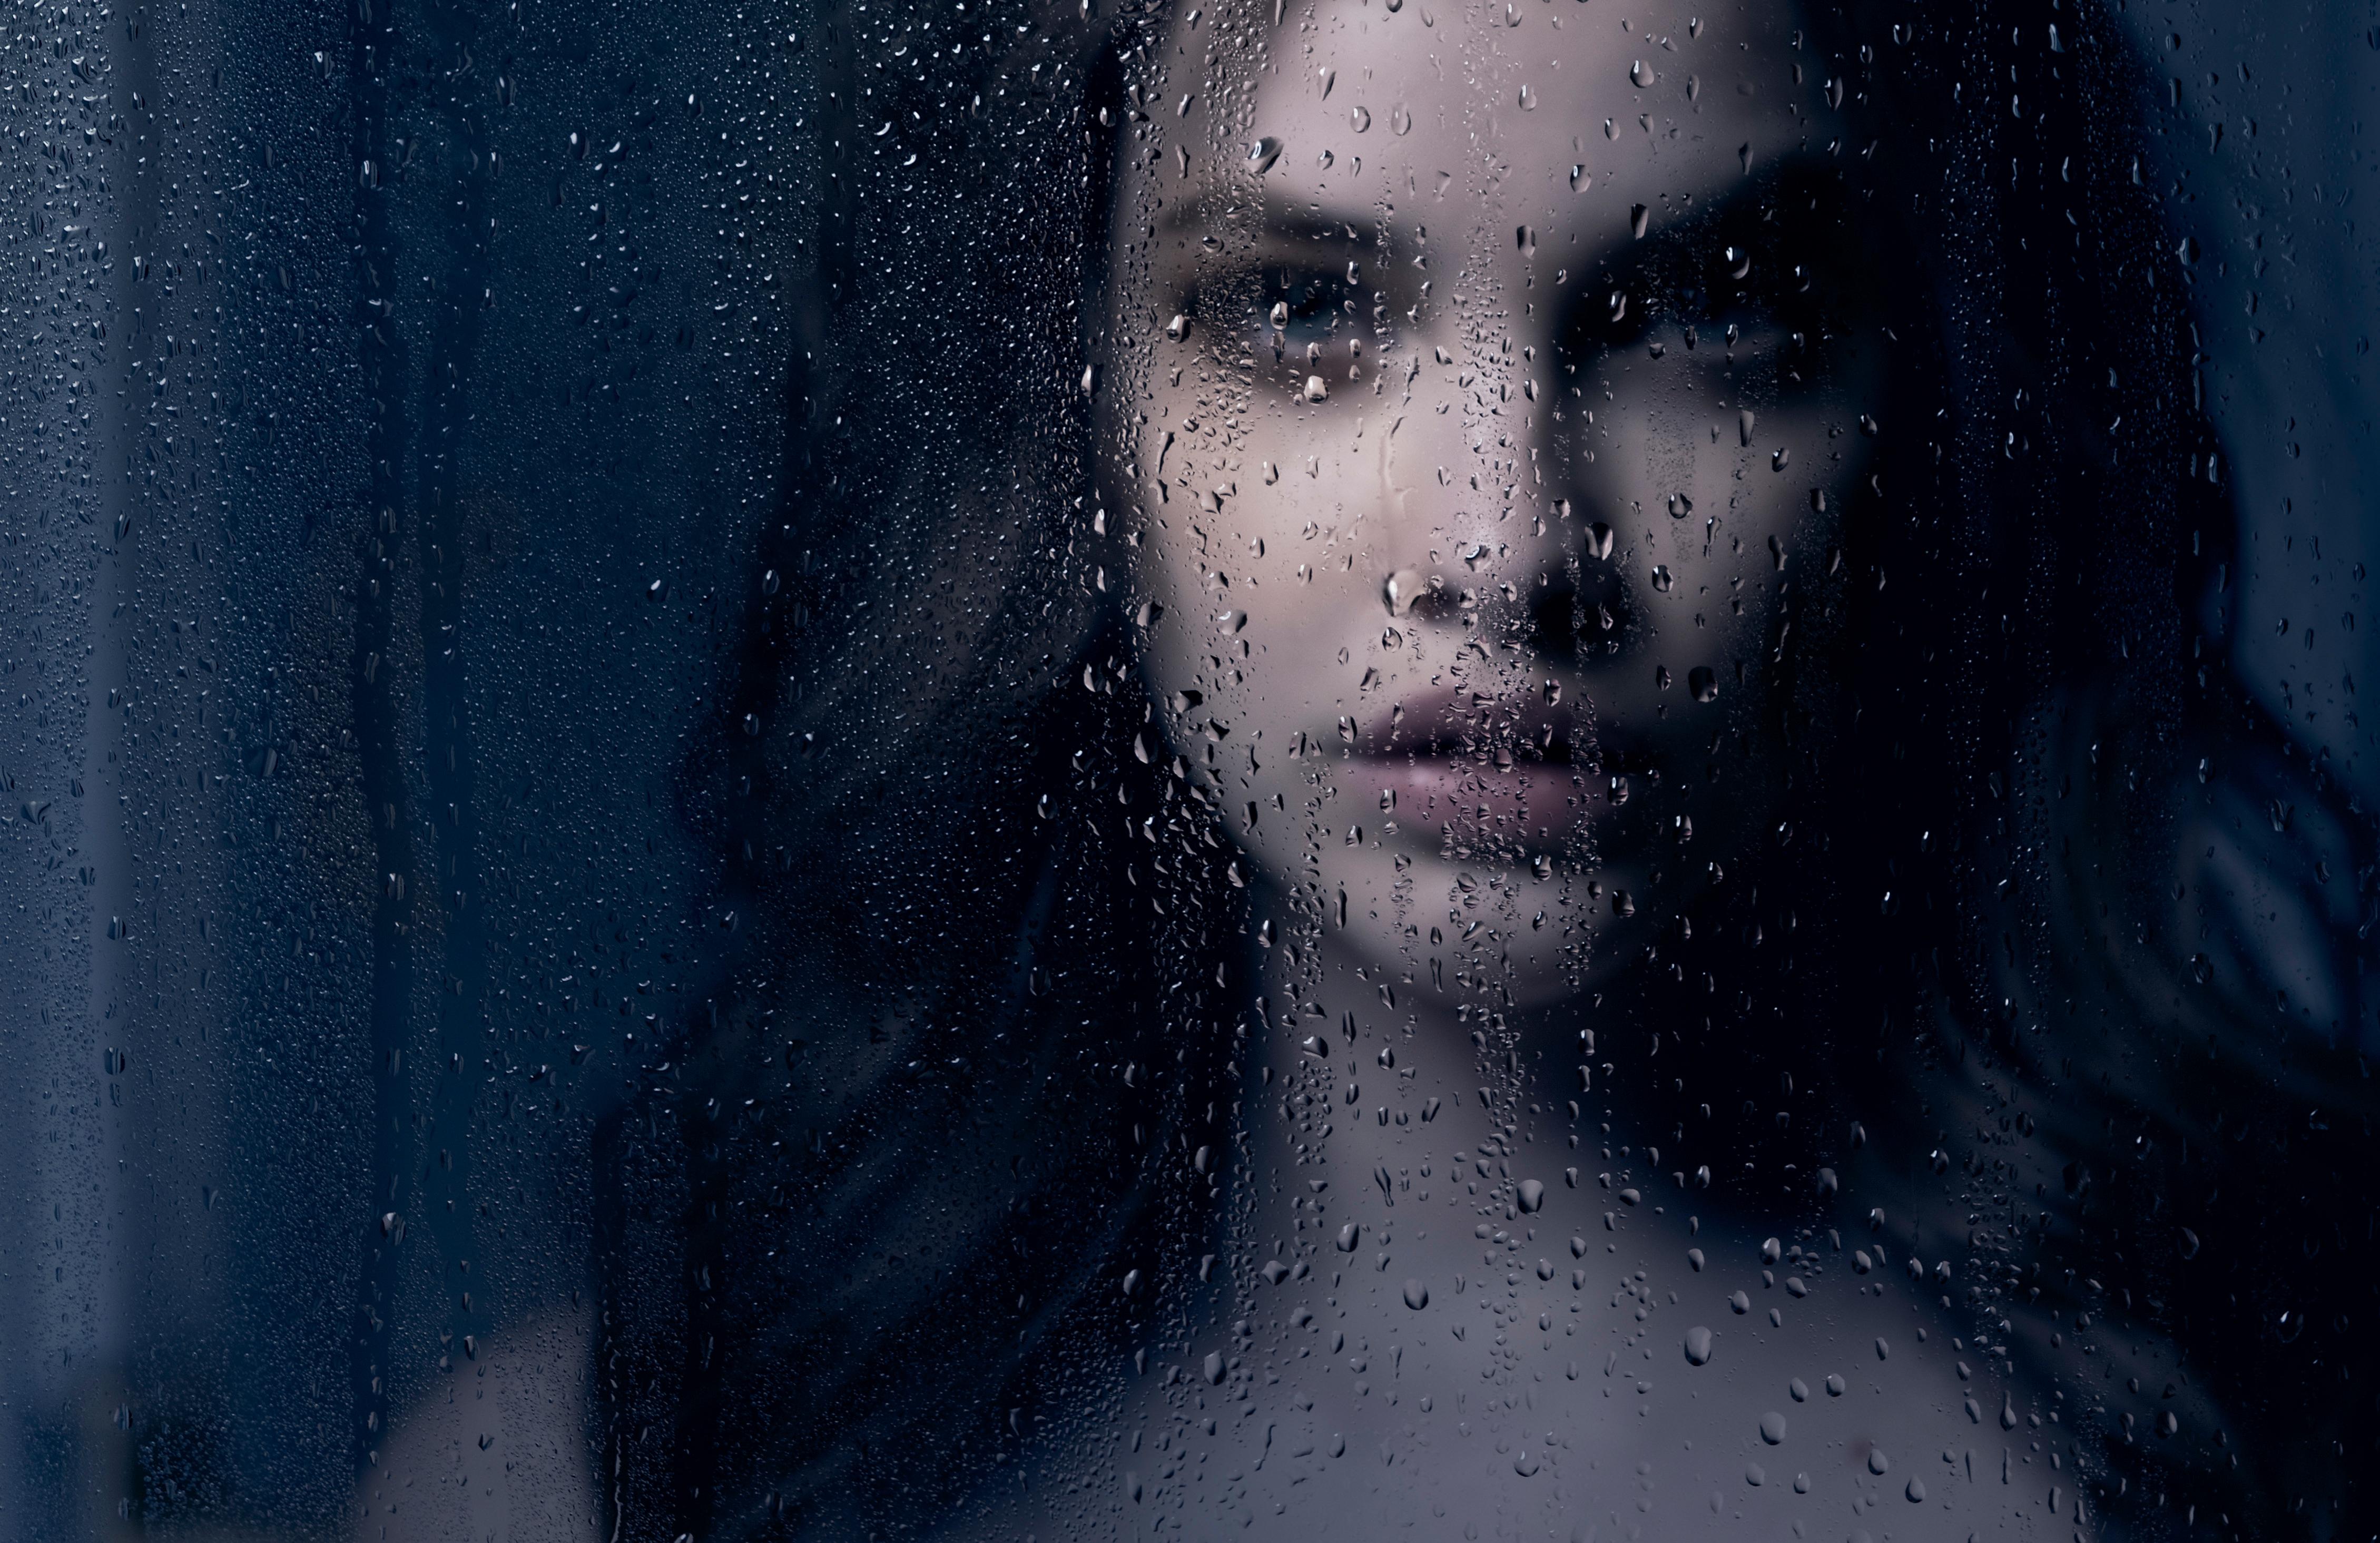 Сиськи в стекле, Голые сиськи малышек за стеклом (15 фото эротики) 15 фотография